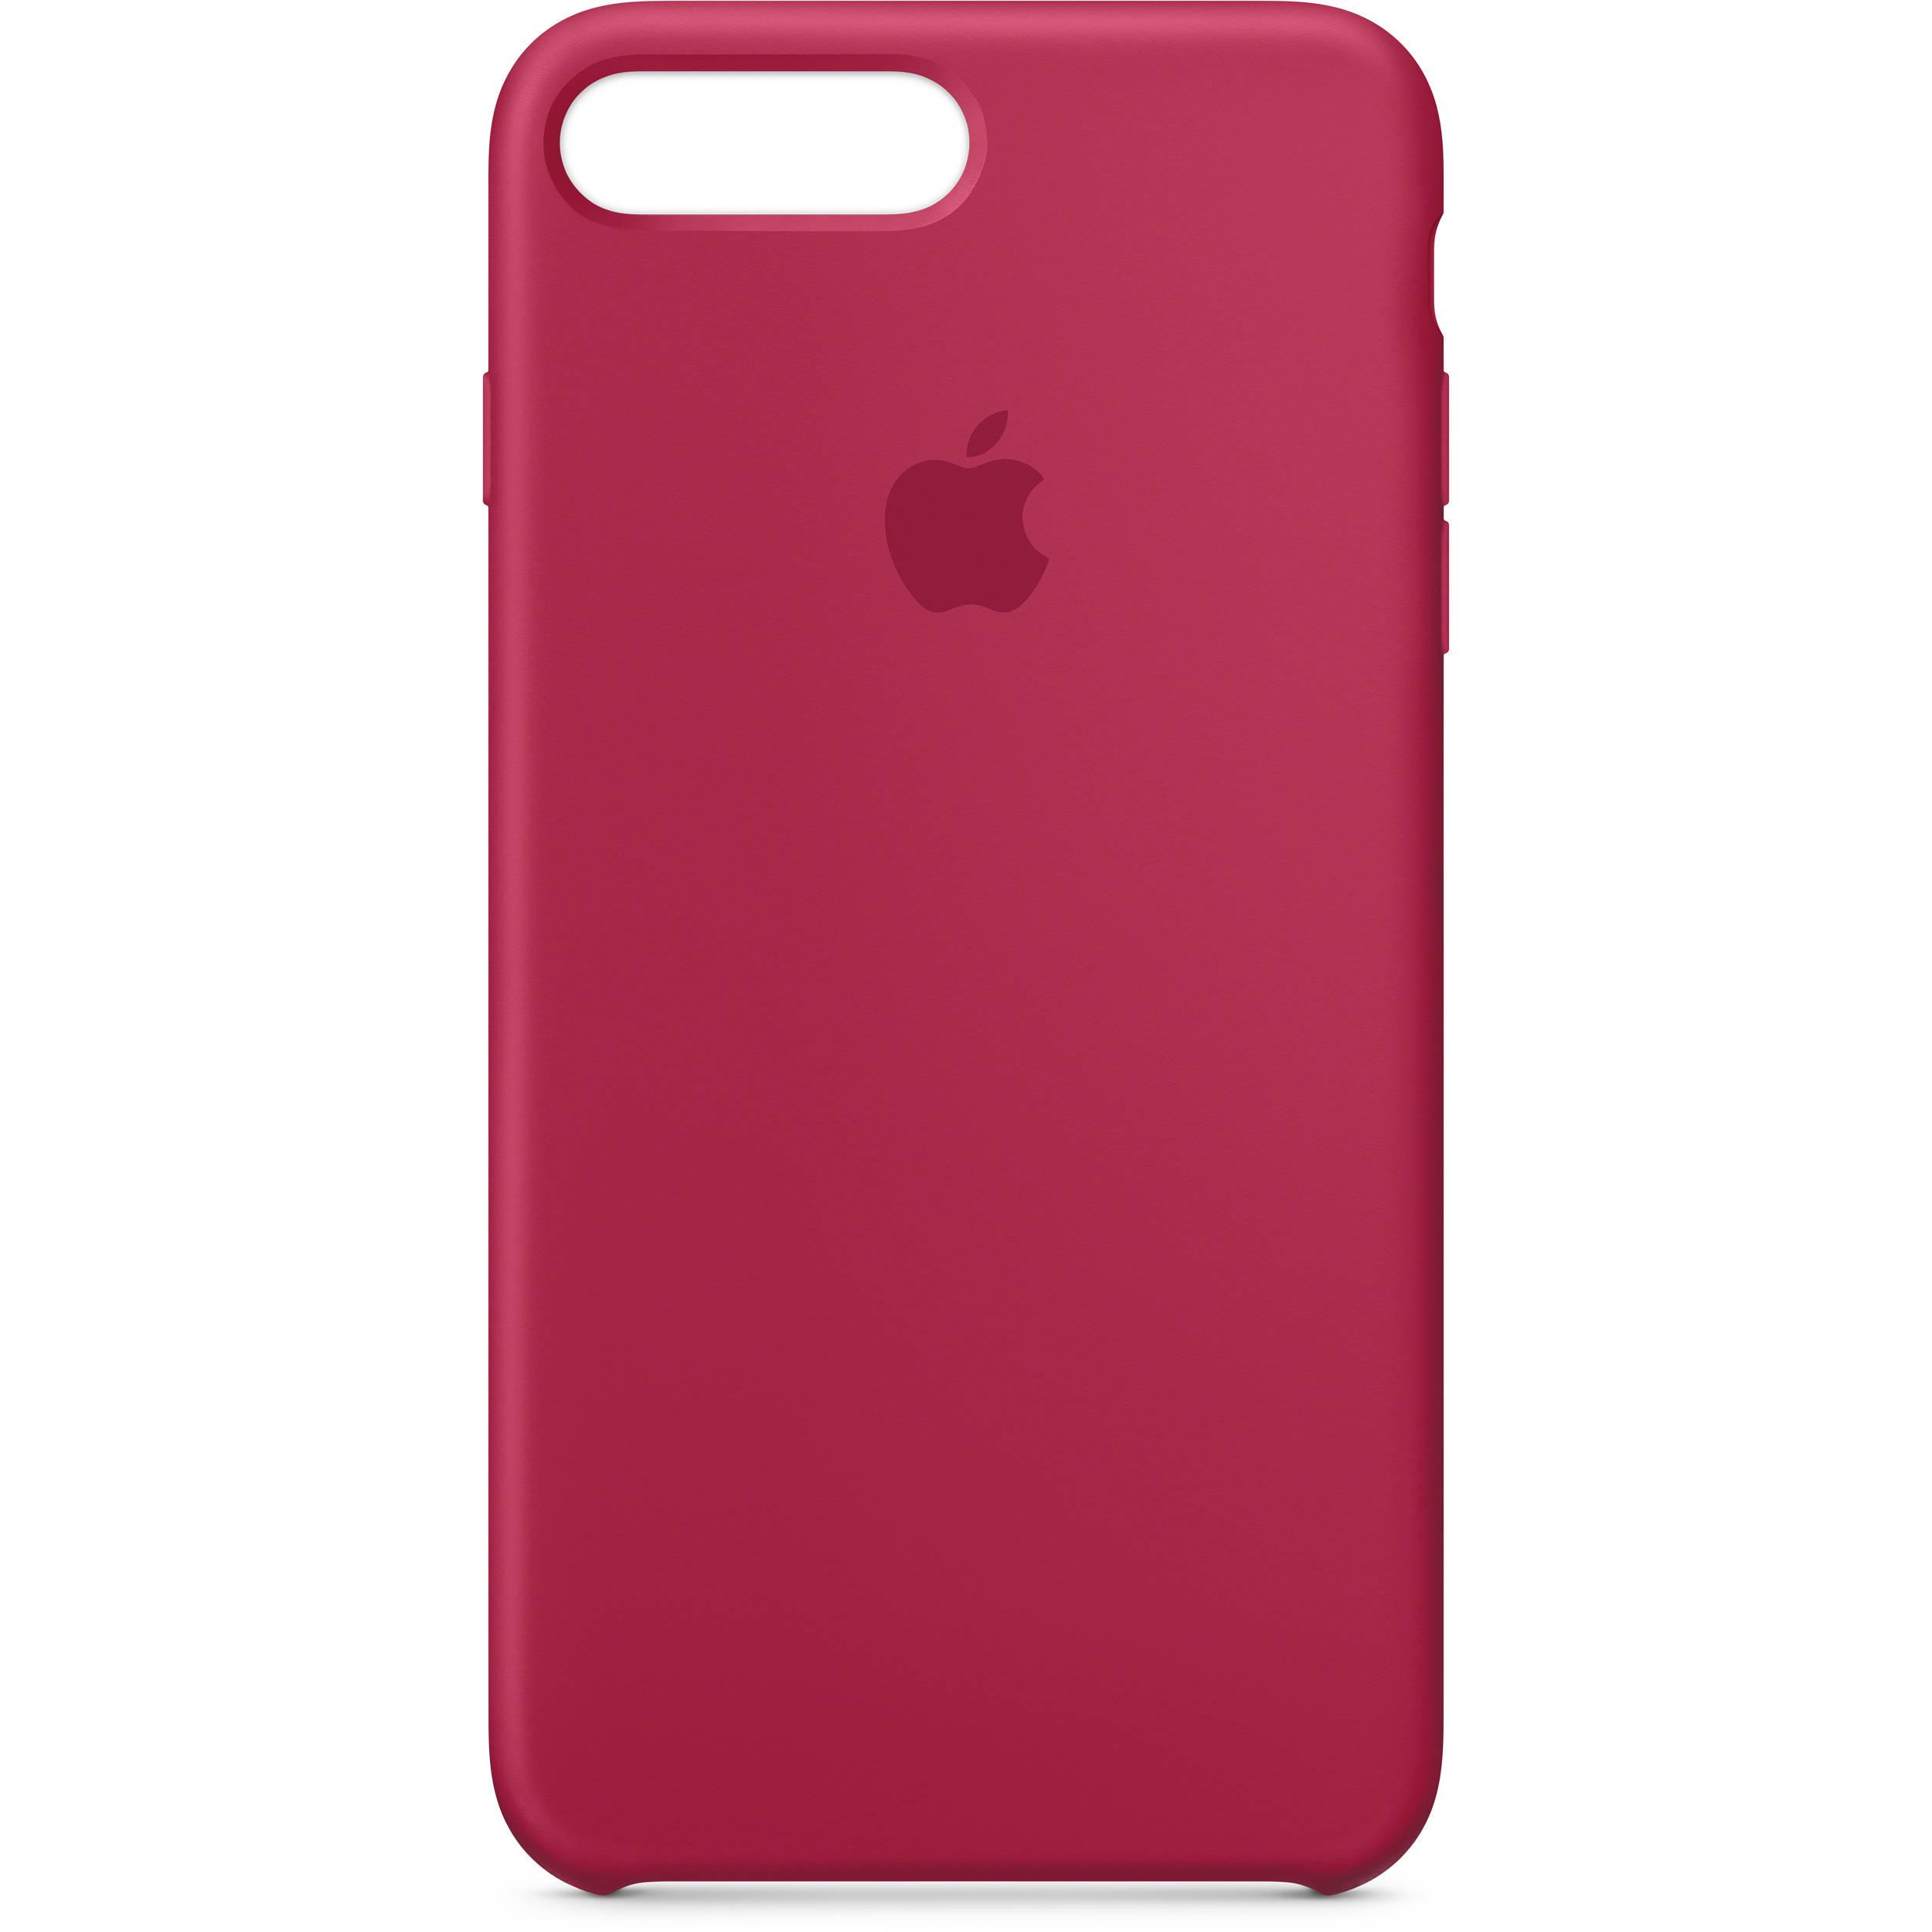 brand new 06996 f9c70 Apple iPhone 7 Plus/8 Plus Silicone Case (Rose Red)